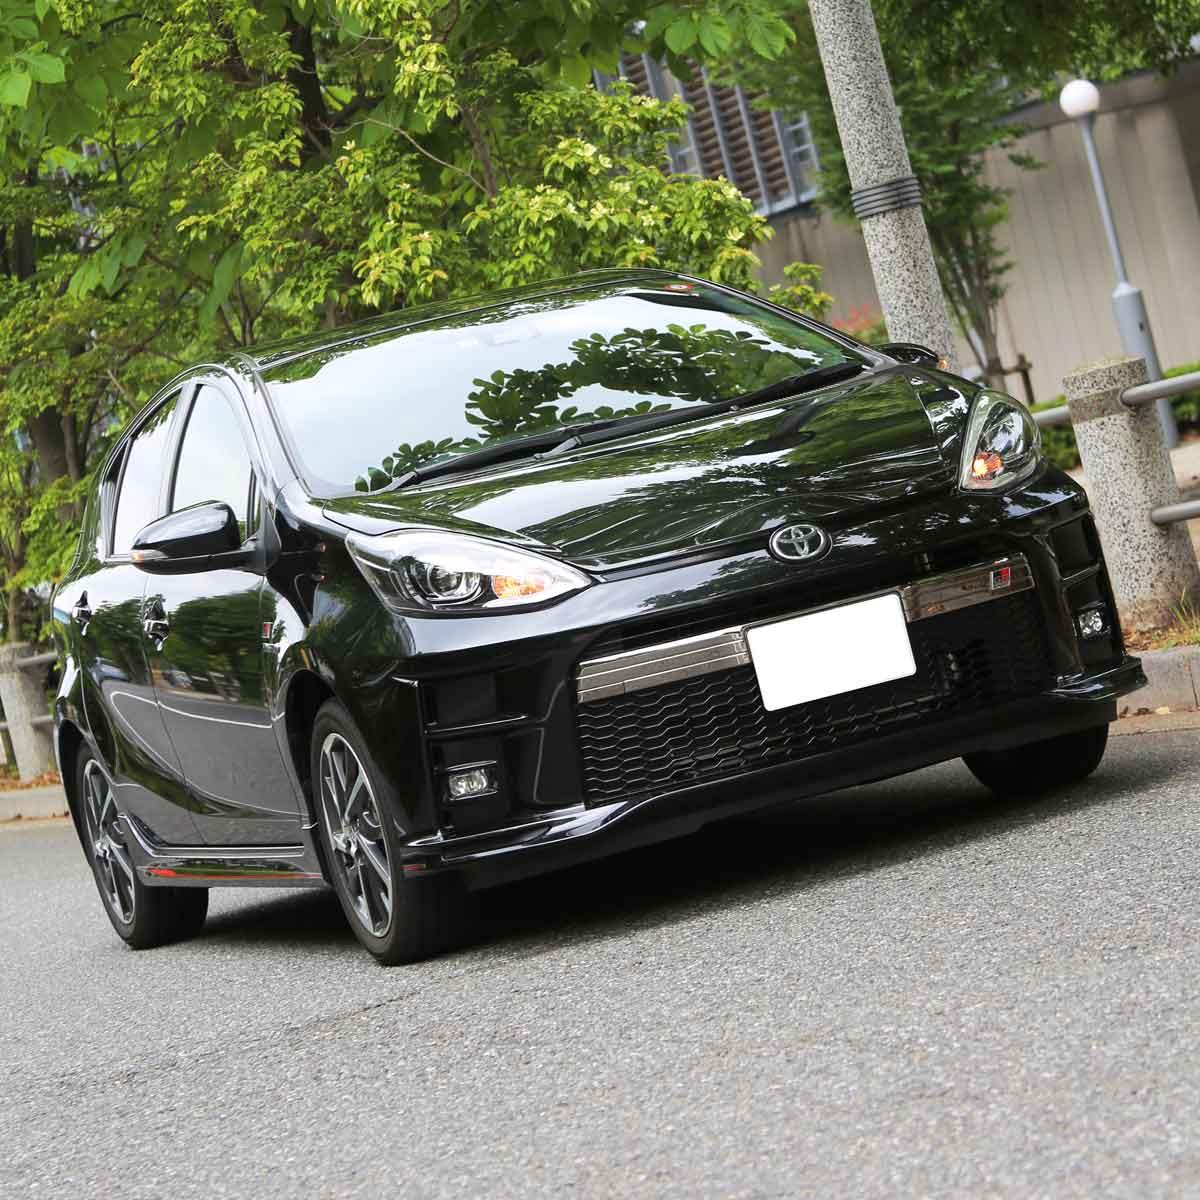 トヨタのカーシェア「トヨタシェア」をレビュー! 大手3社と費用などを比較